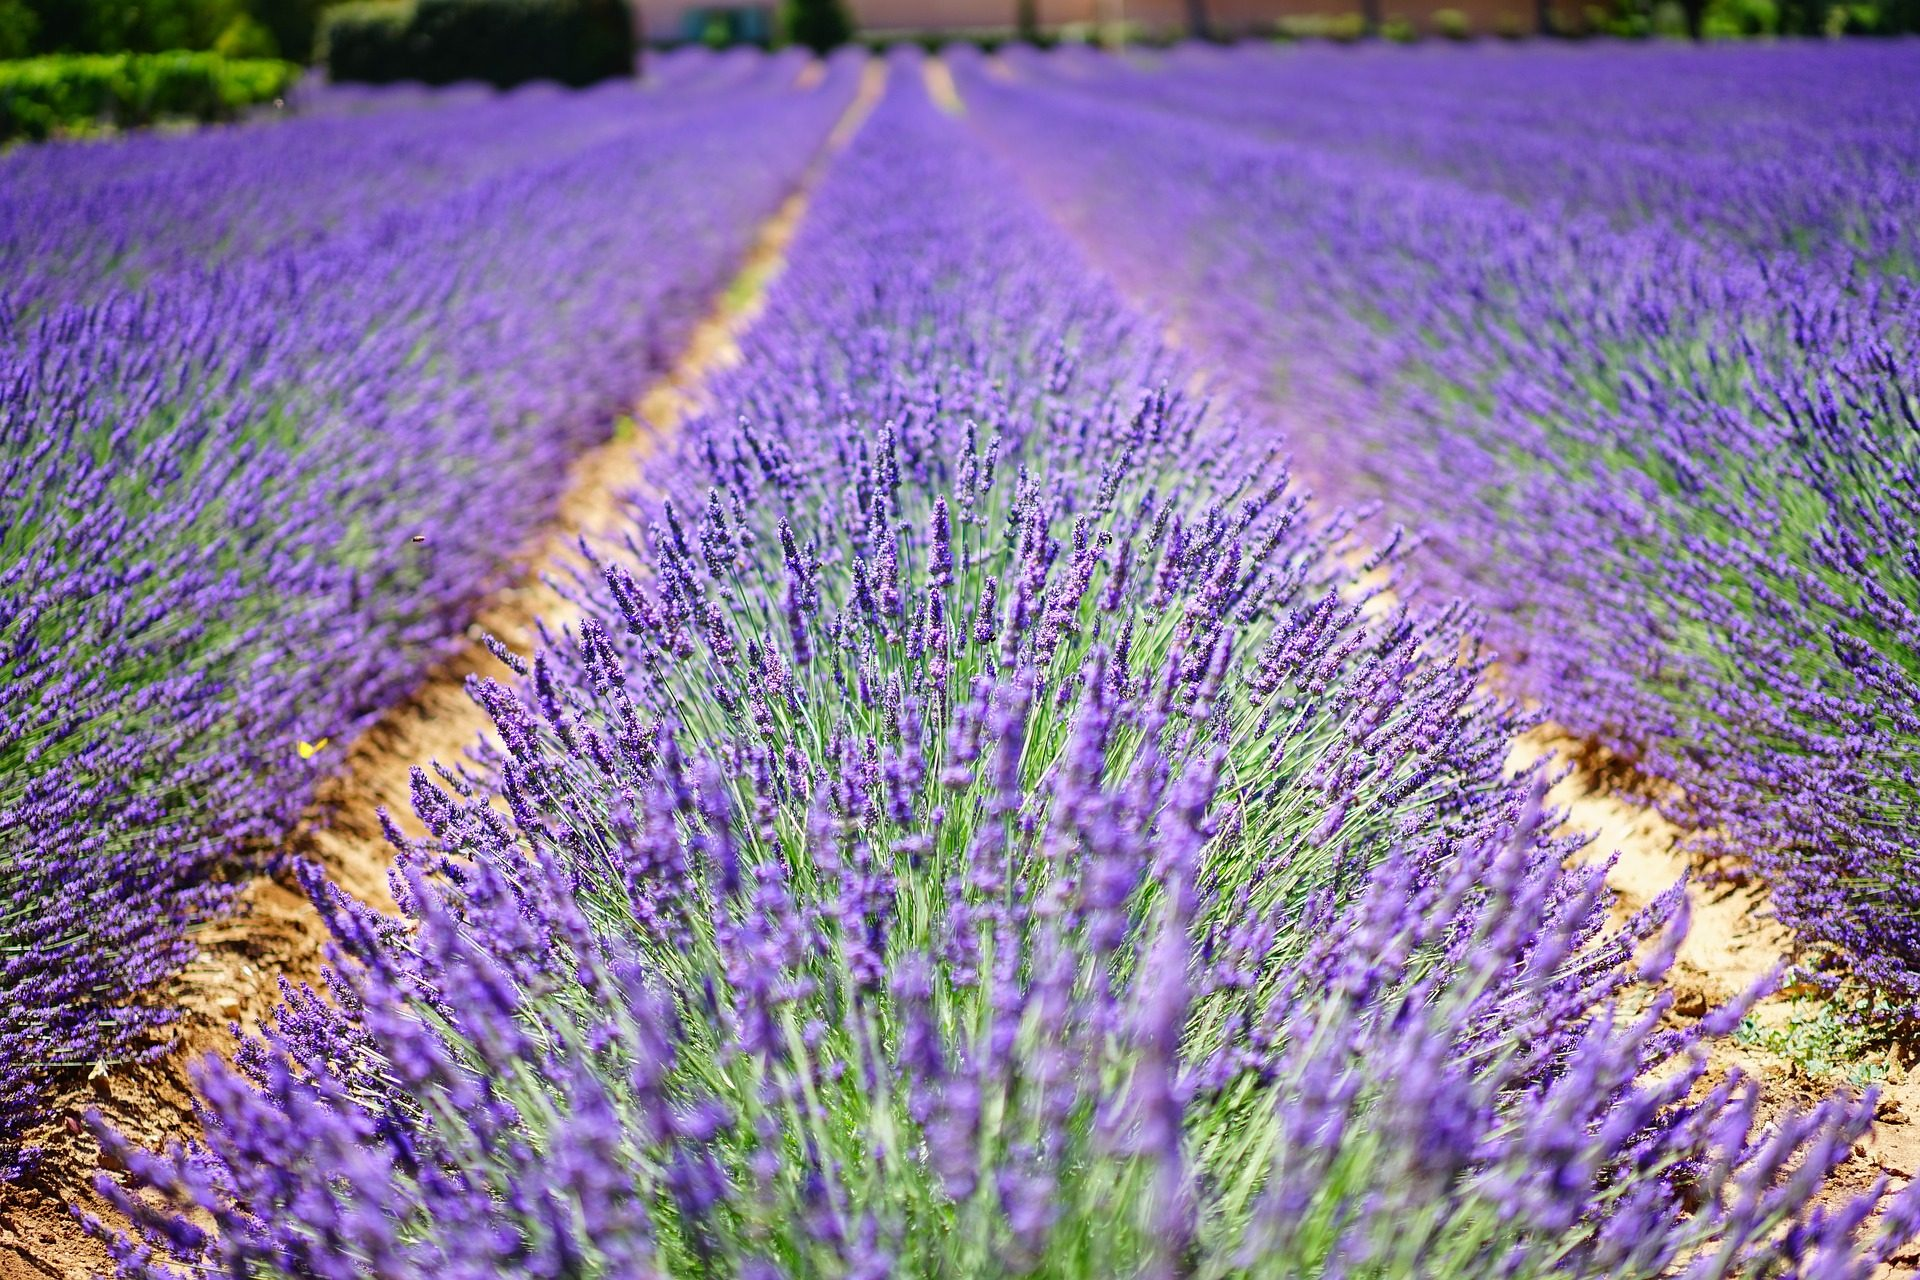 Лаванда, поле, Плантация, púrpura, Фиолетовый - Обои HD - Профессор falken.com